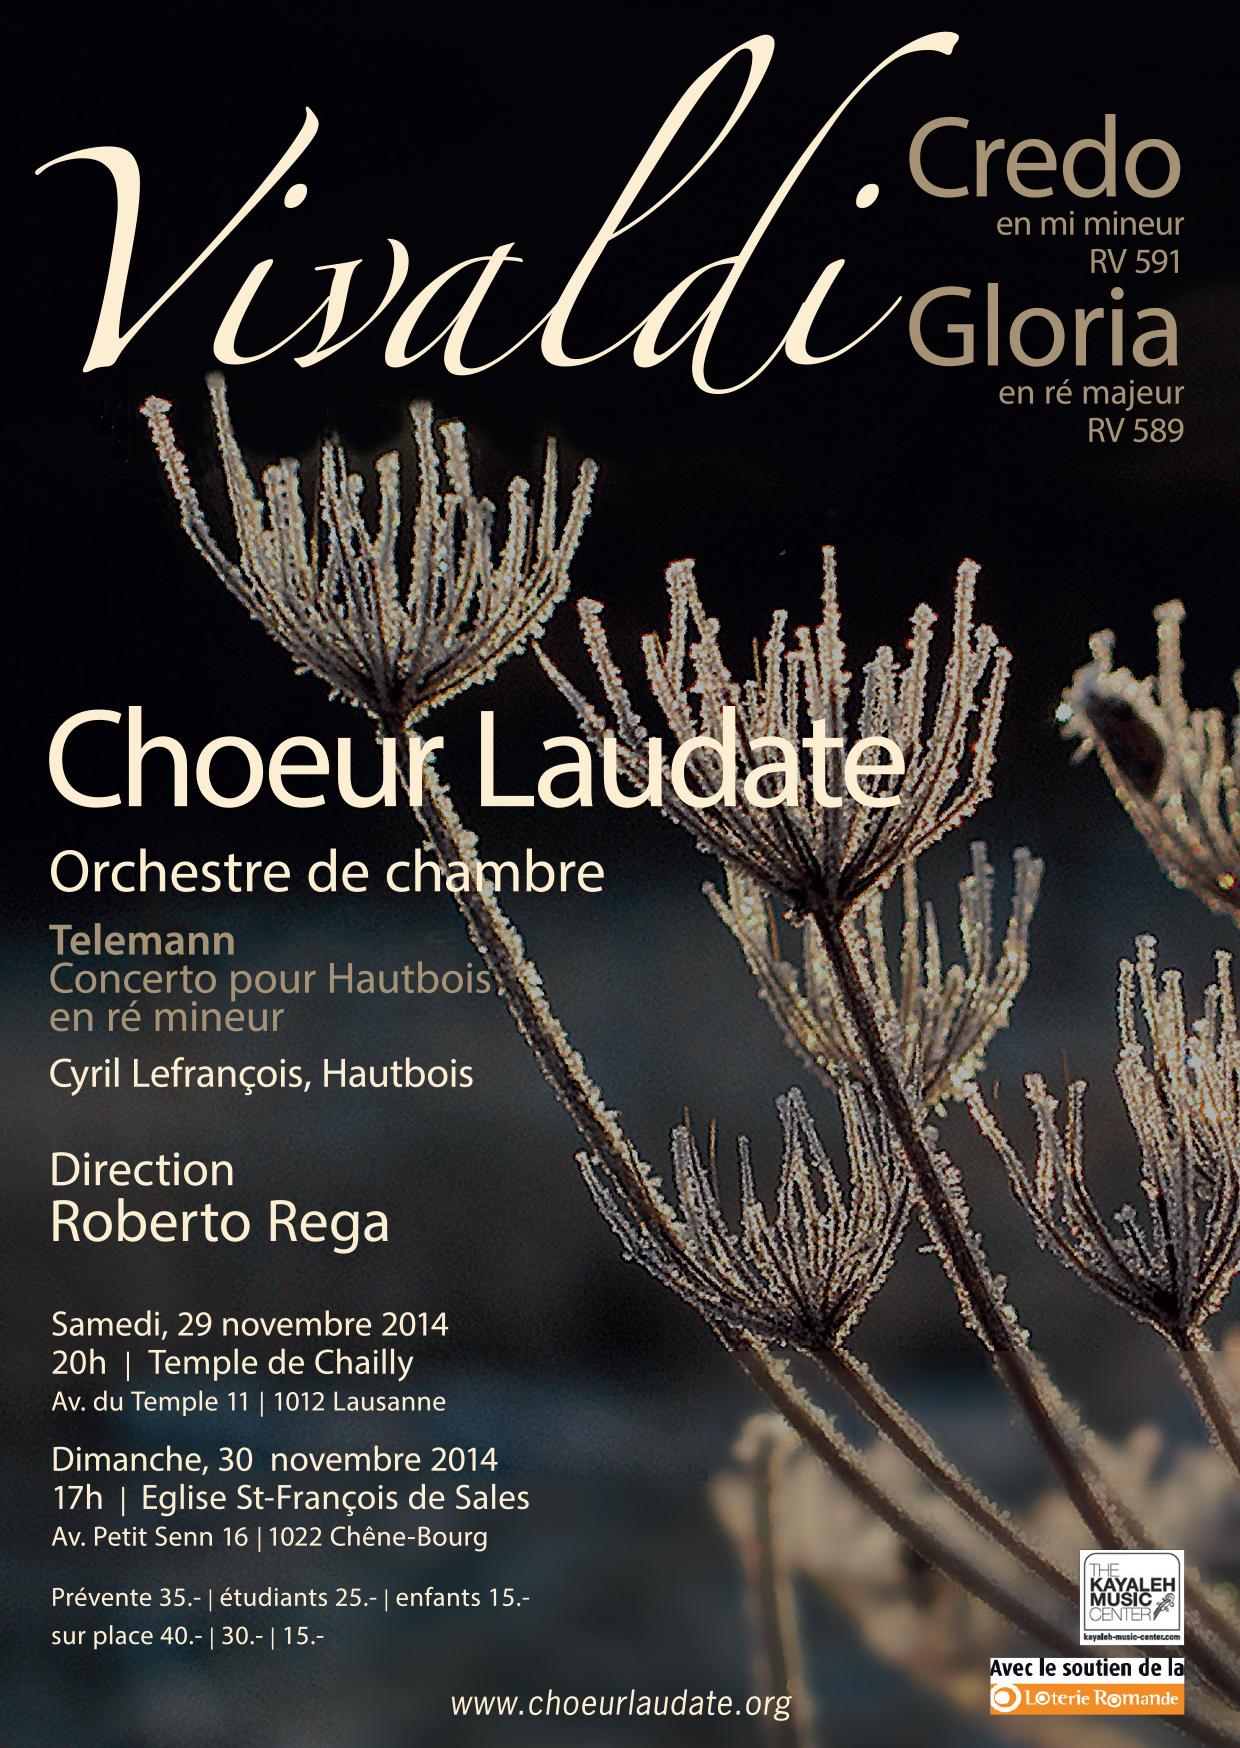 Concert de Noël 2014, Choeur Laudate, Genève et Lausanne